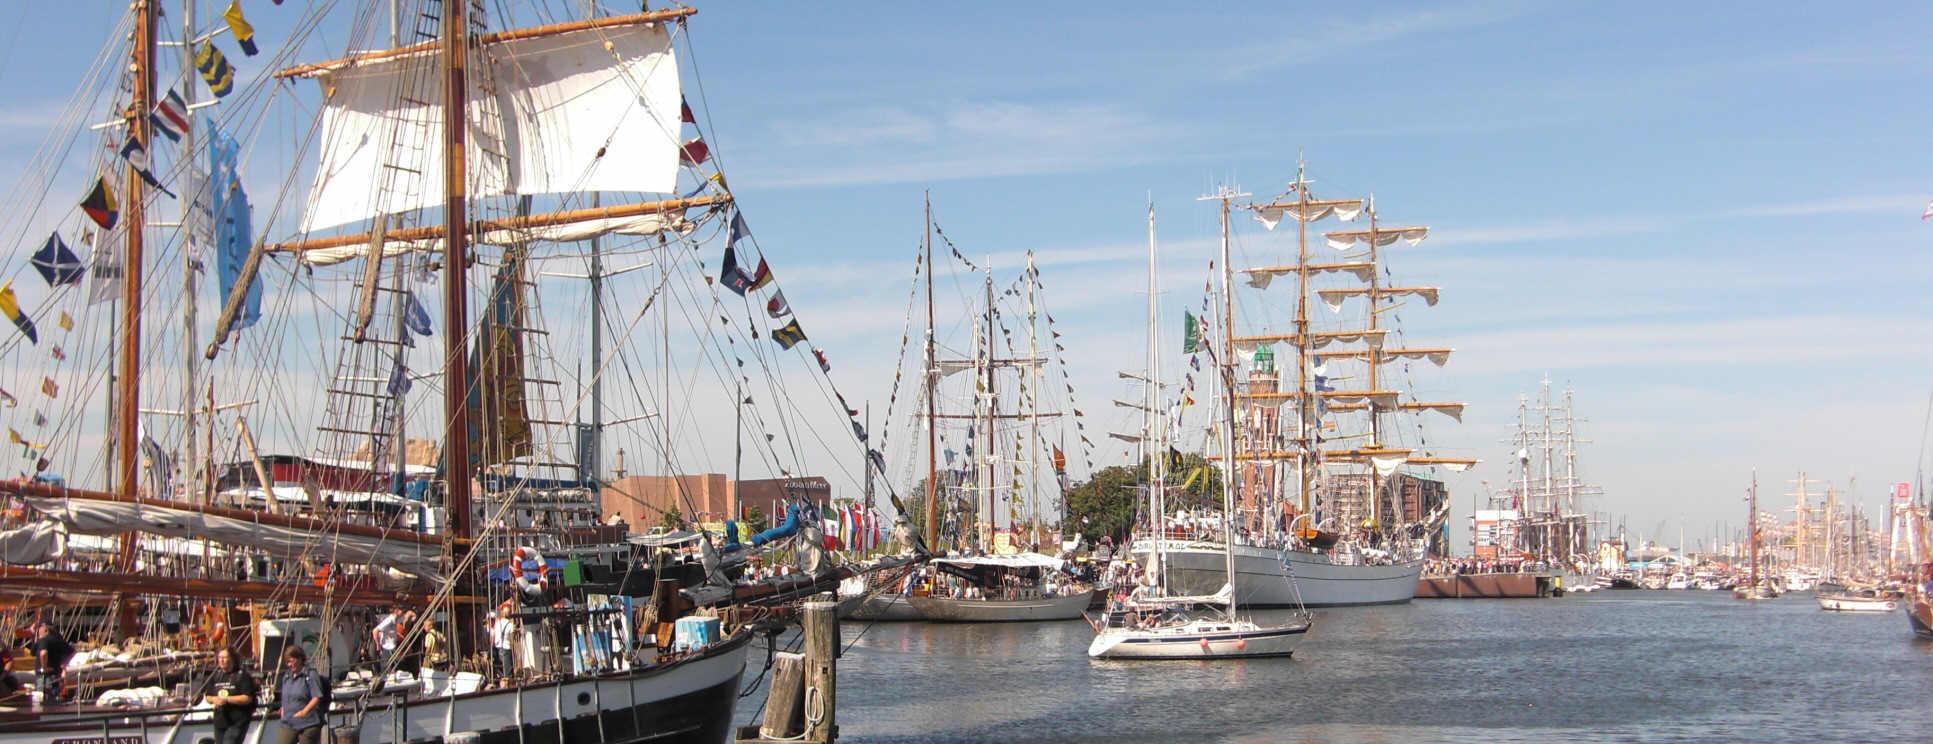 Seehafenstadt Bremerhaven-Sail Bremerhaven alle 5 Jahre